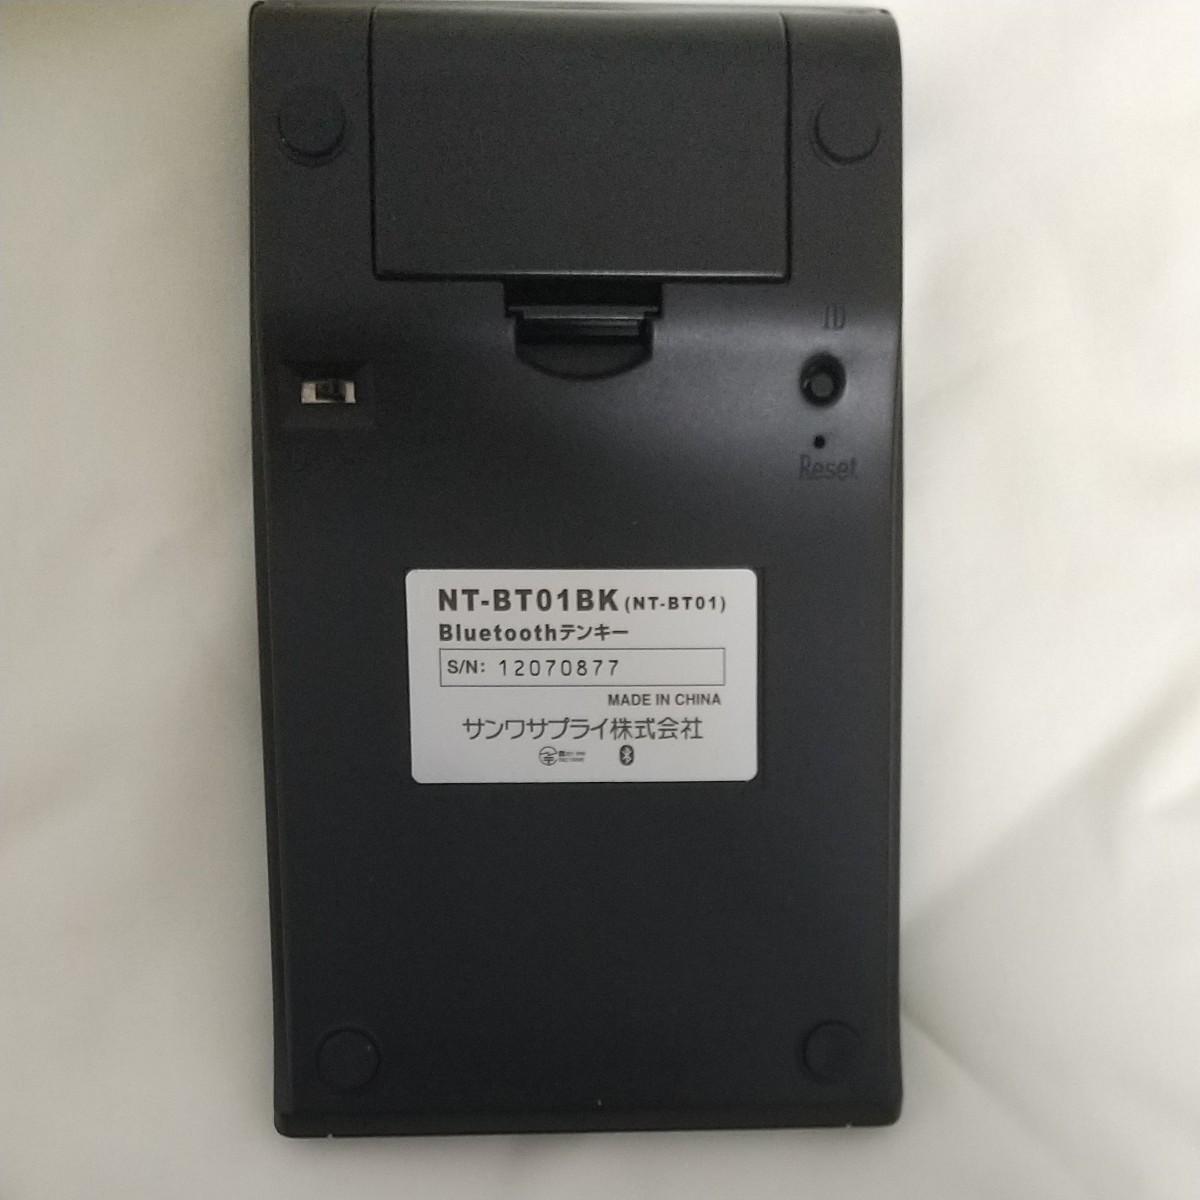 サンワサプライ NT-BT01BK テンキー 電卓 Bluetooth テンキーボード ワイヤレステンキー サンワ